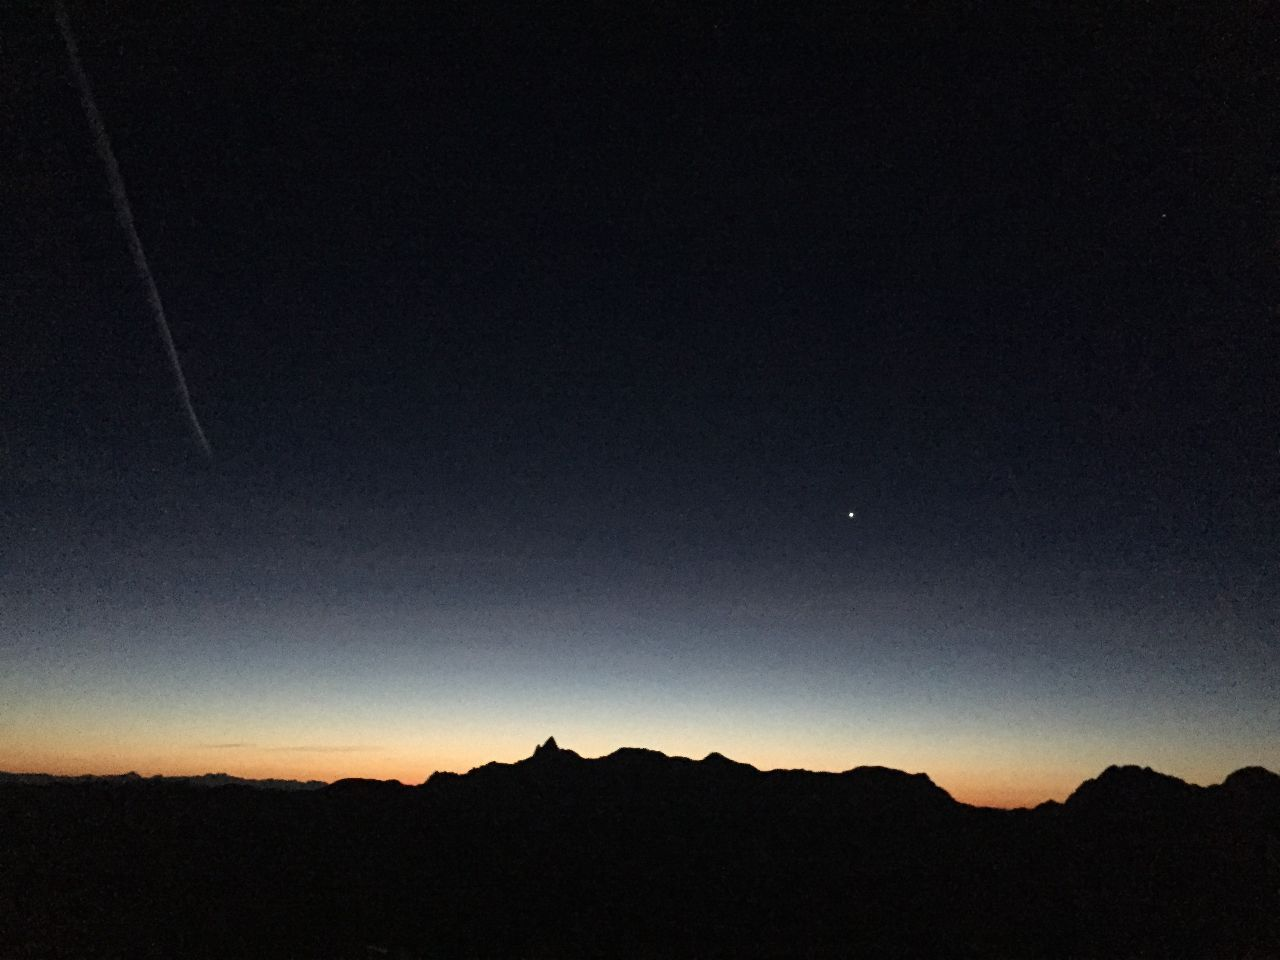 ストップ高とオンリーワン銘柄で今日も良い一日を! 白馬鑓温泉の夜空